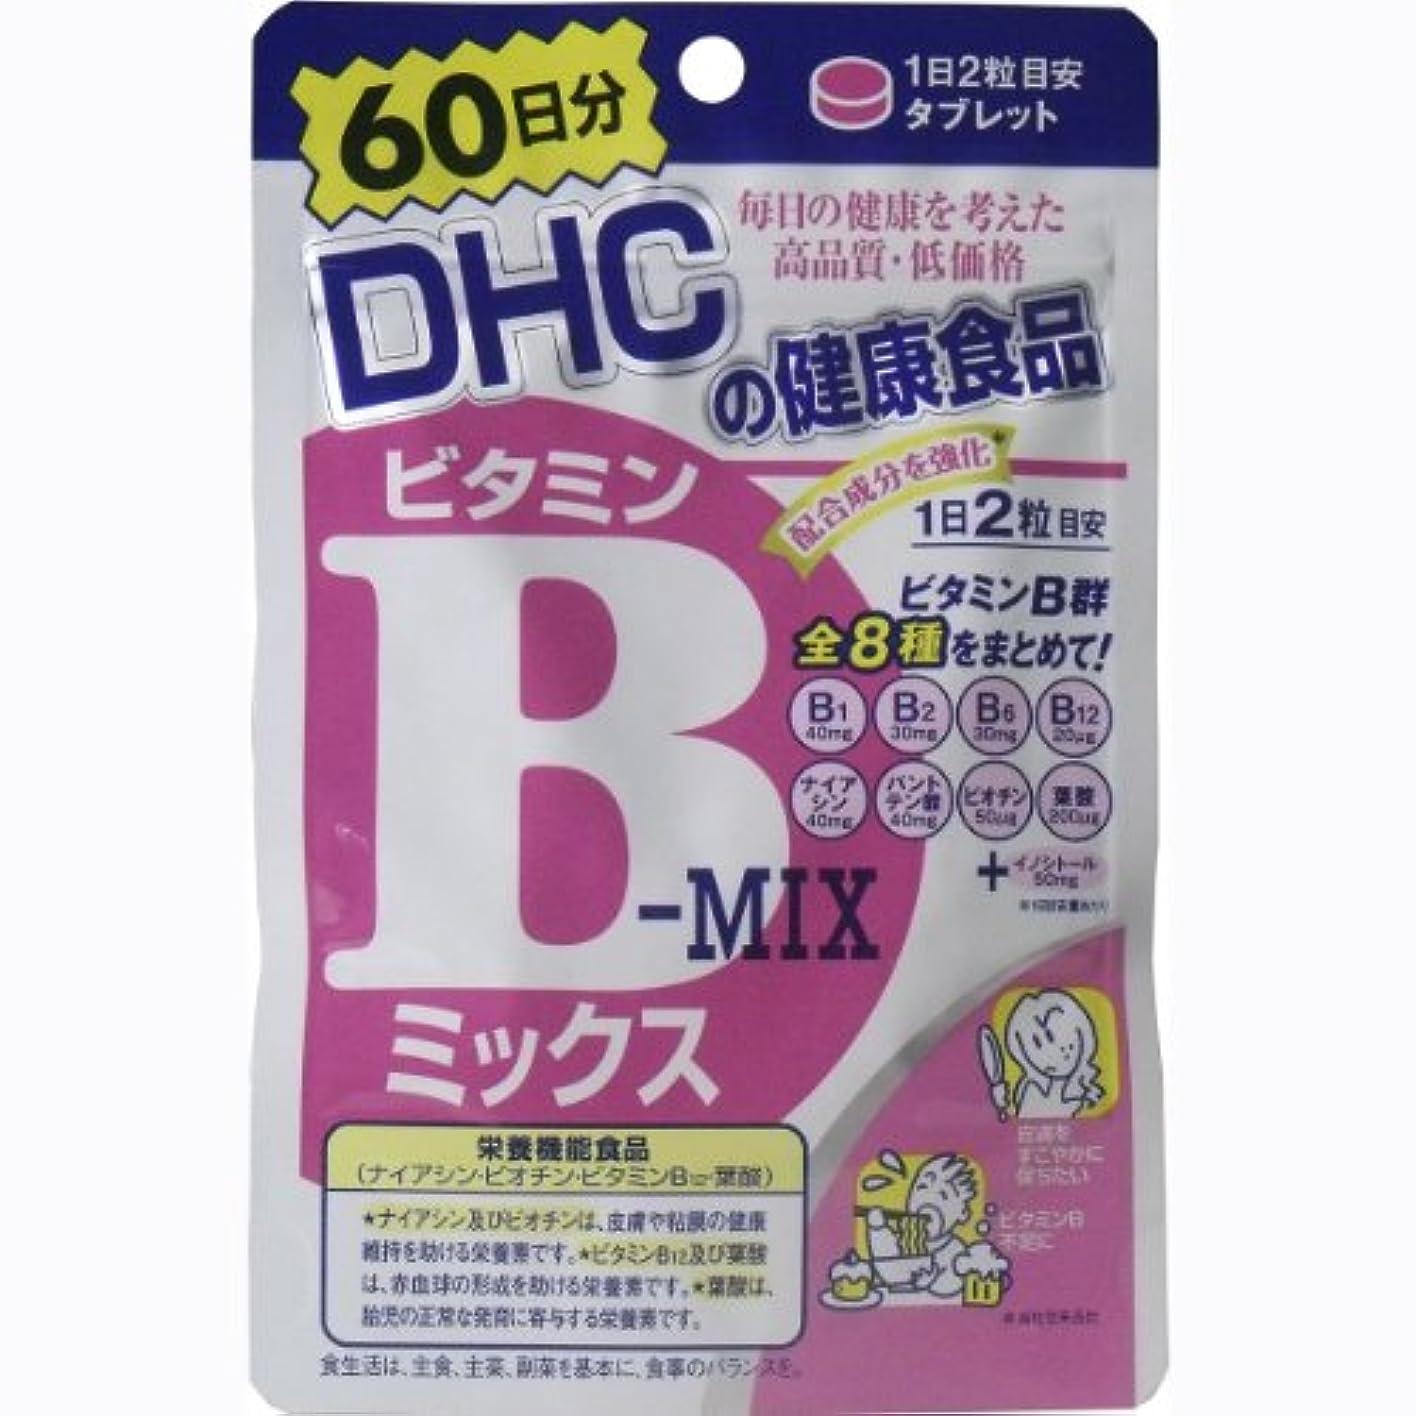 人気の大臣どういたしましてDHC ビタミンBミックス 120粒 60日分「3点セット」